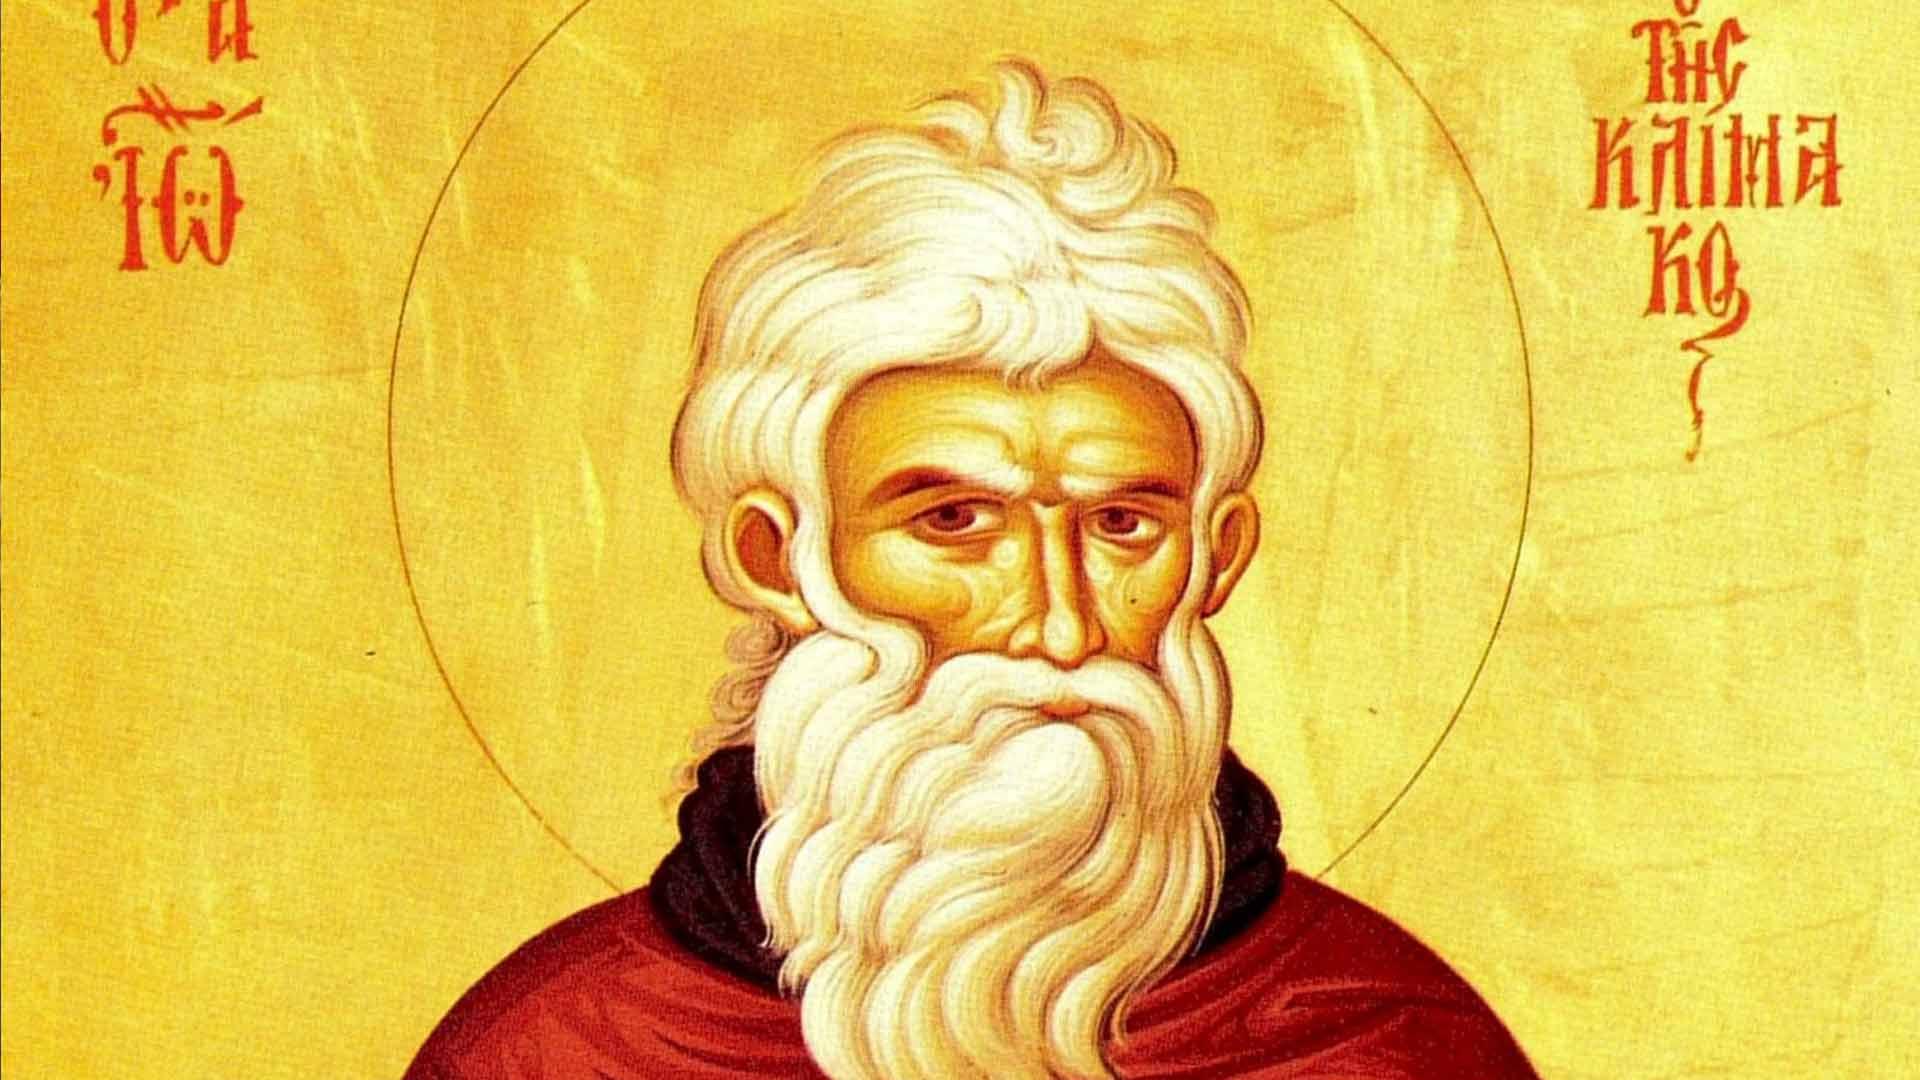 Κυριακή Οσίου Ιωάννη της Κλίμακος - Κείμενα - Θεολογία - Απαρχή